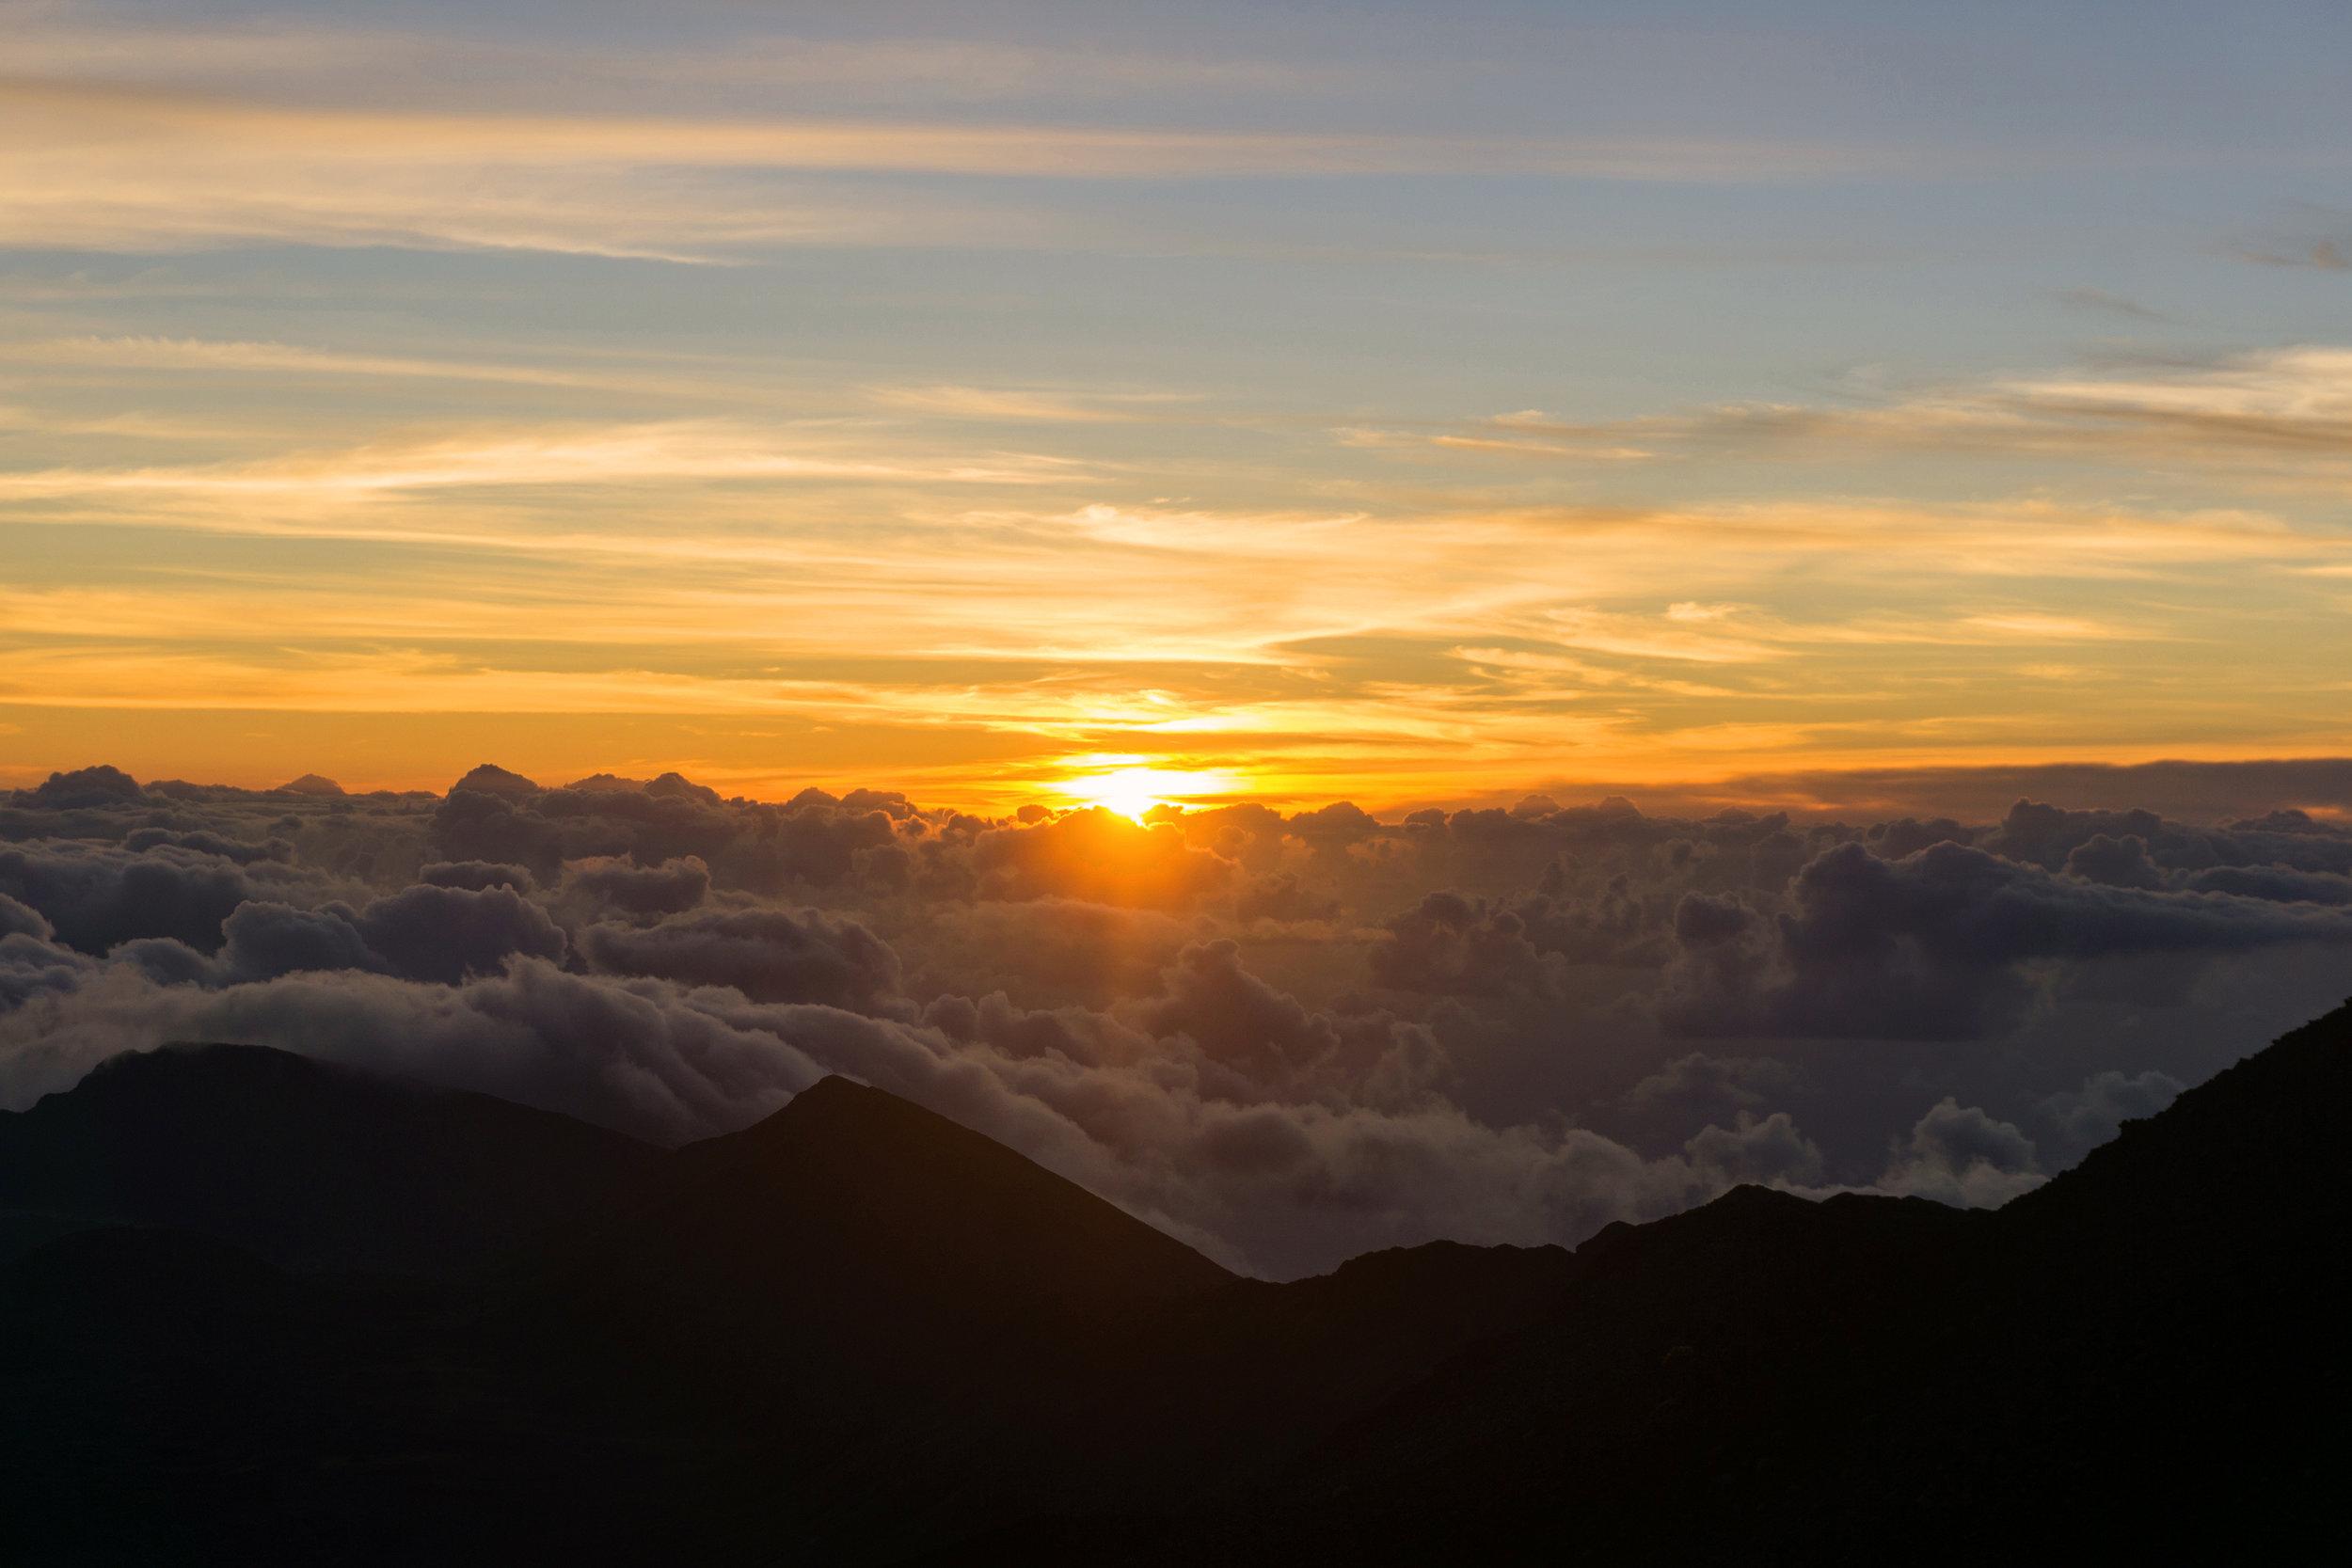 AstroBandit_Maui_Hawaii_JordanRose_Haleakala_Sunrise_36.jpg